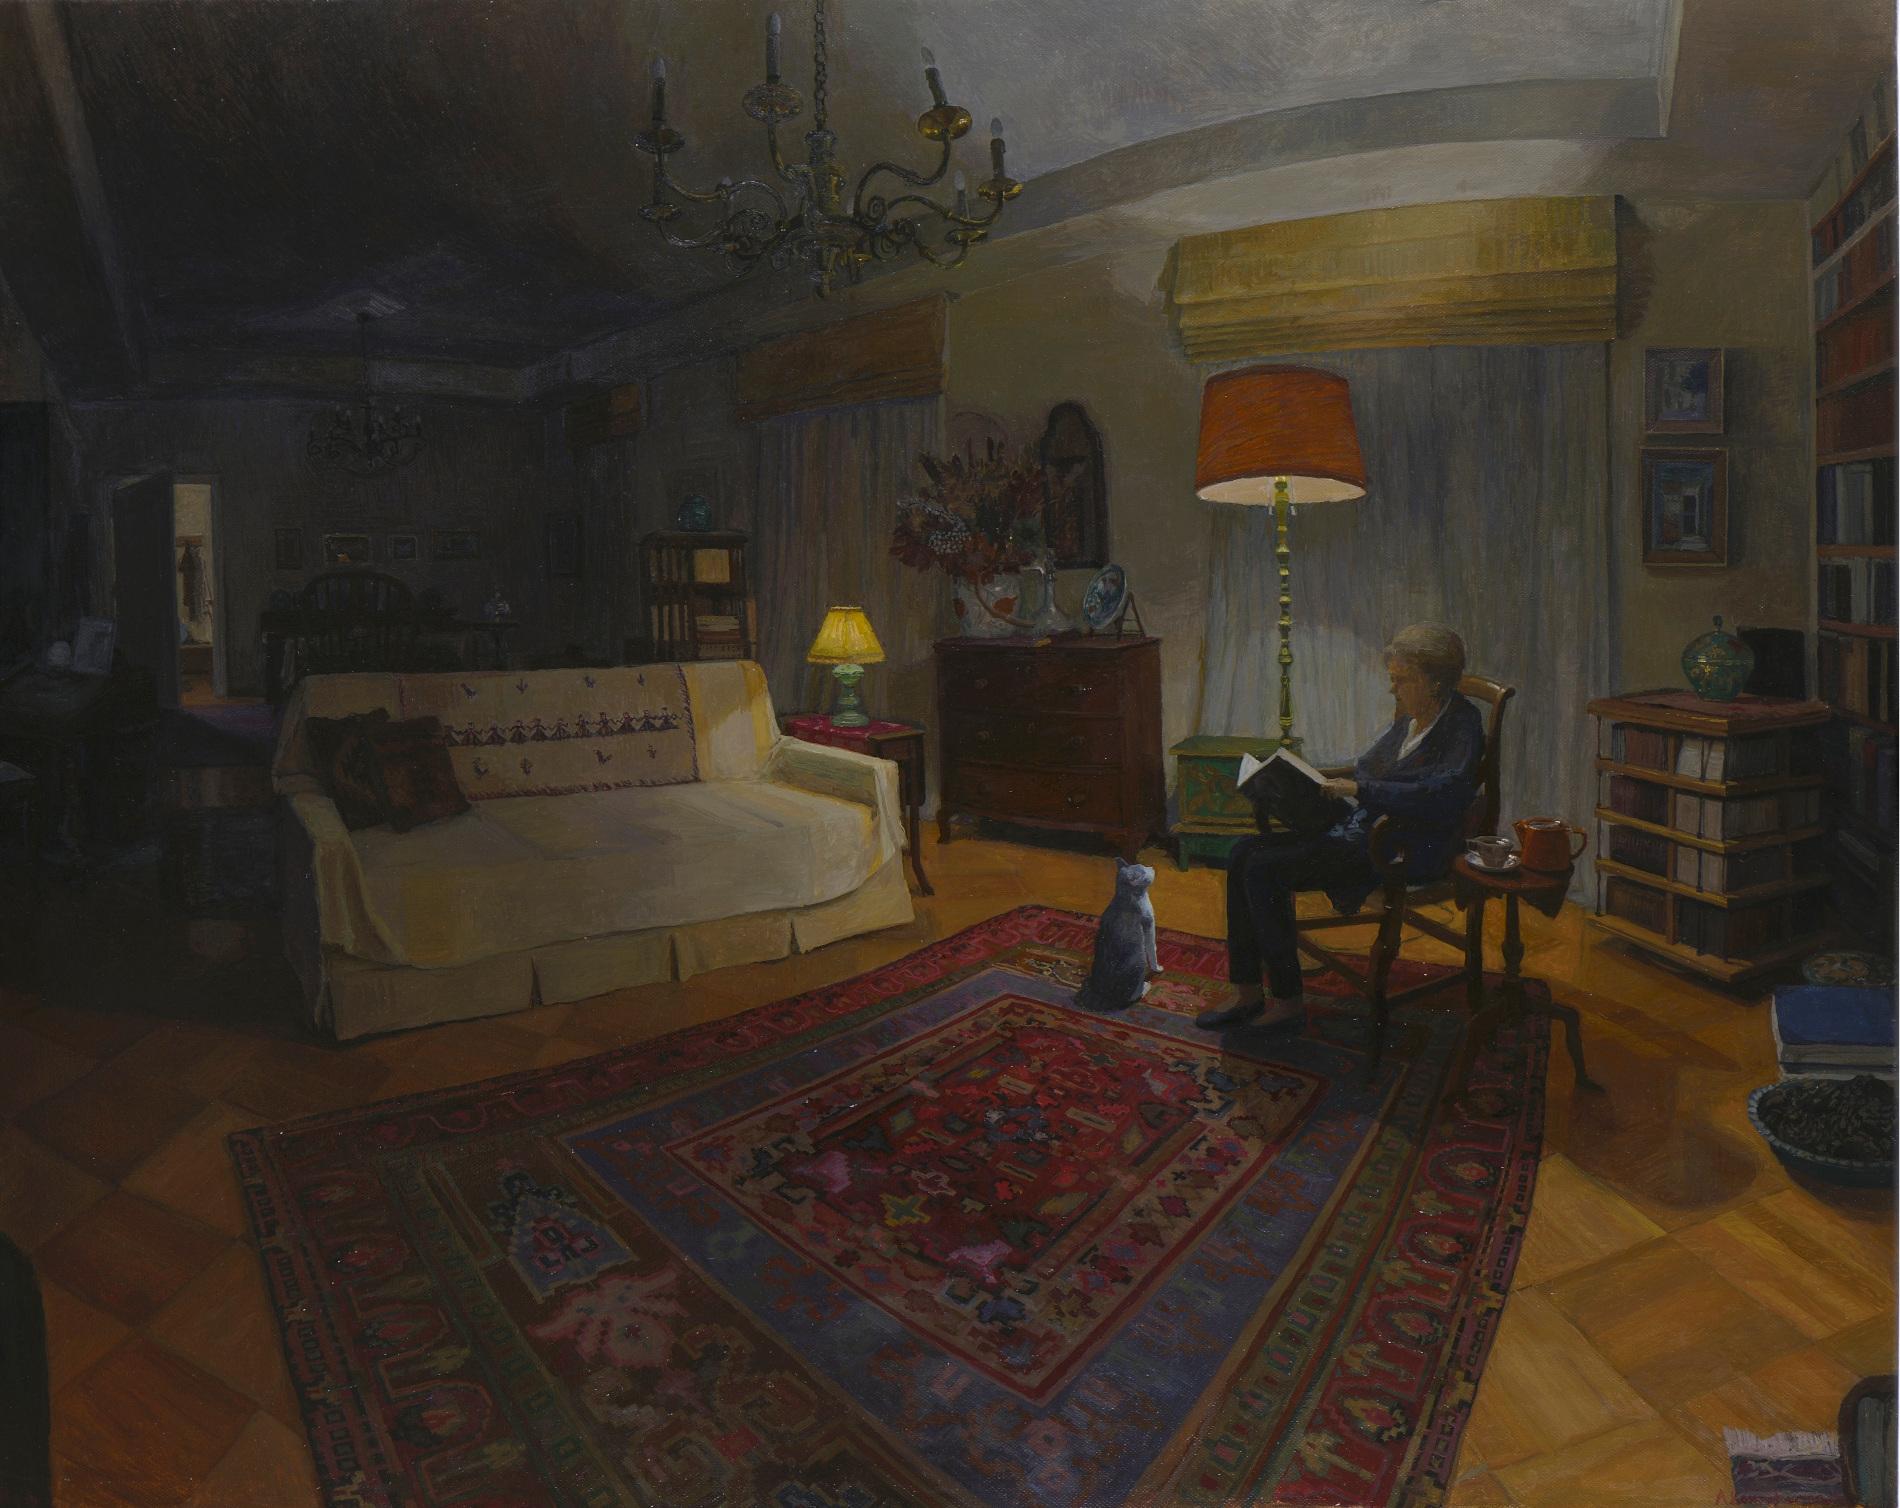 Στο σπίτι του Γιώργου Σεφέρη: Μεγάλο νυχτερινό εσωτερικό , 95Χ120 εκ., λάδι σε καμβά, 2018, Συλλογή της Καλλιτέχνιδας, Αθήνα. E υγενική παραχώρηση της Γκαλερί Citronne